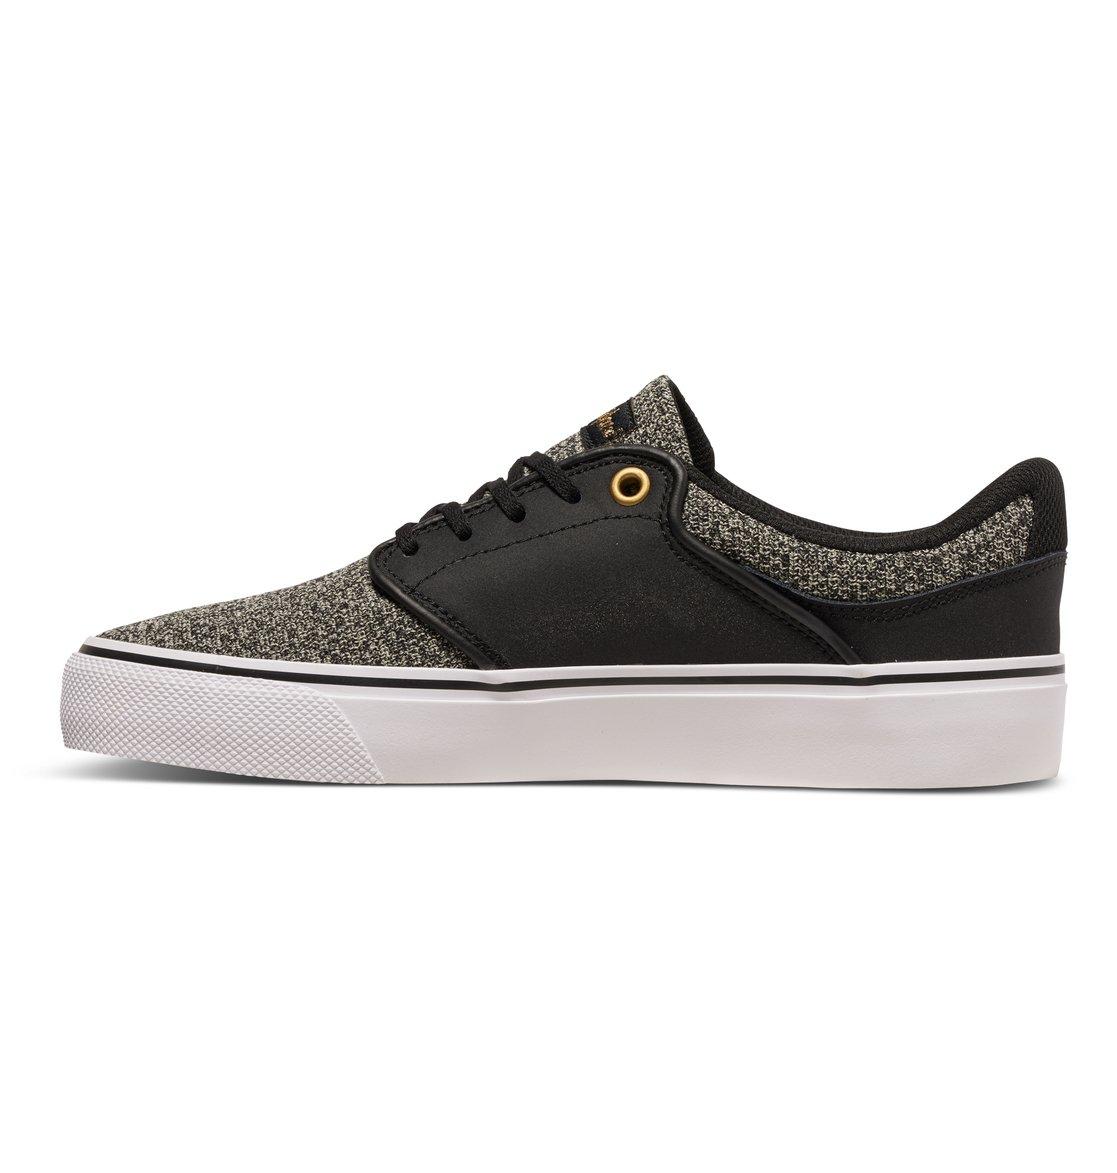 Women's Mikey Taylor Vulc SE Skate Shoe